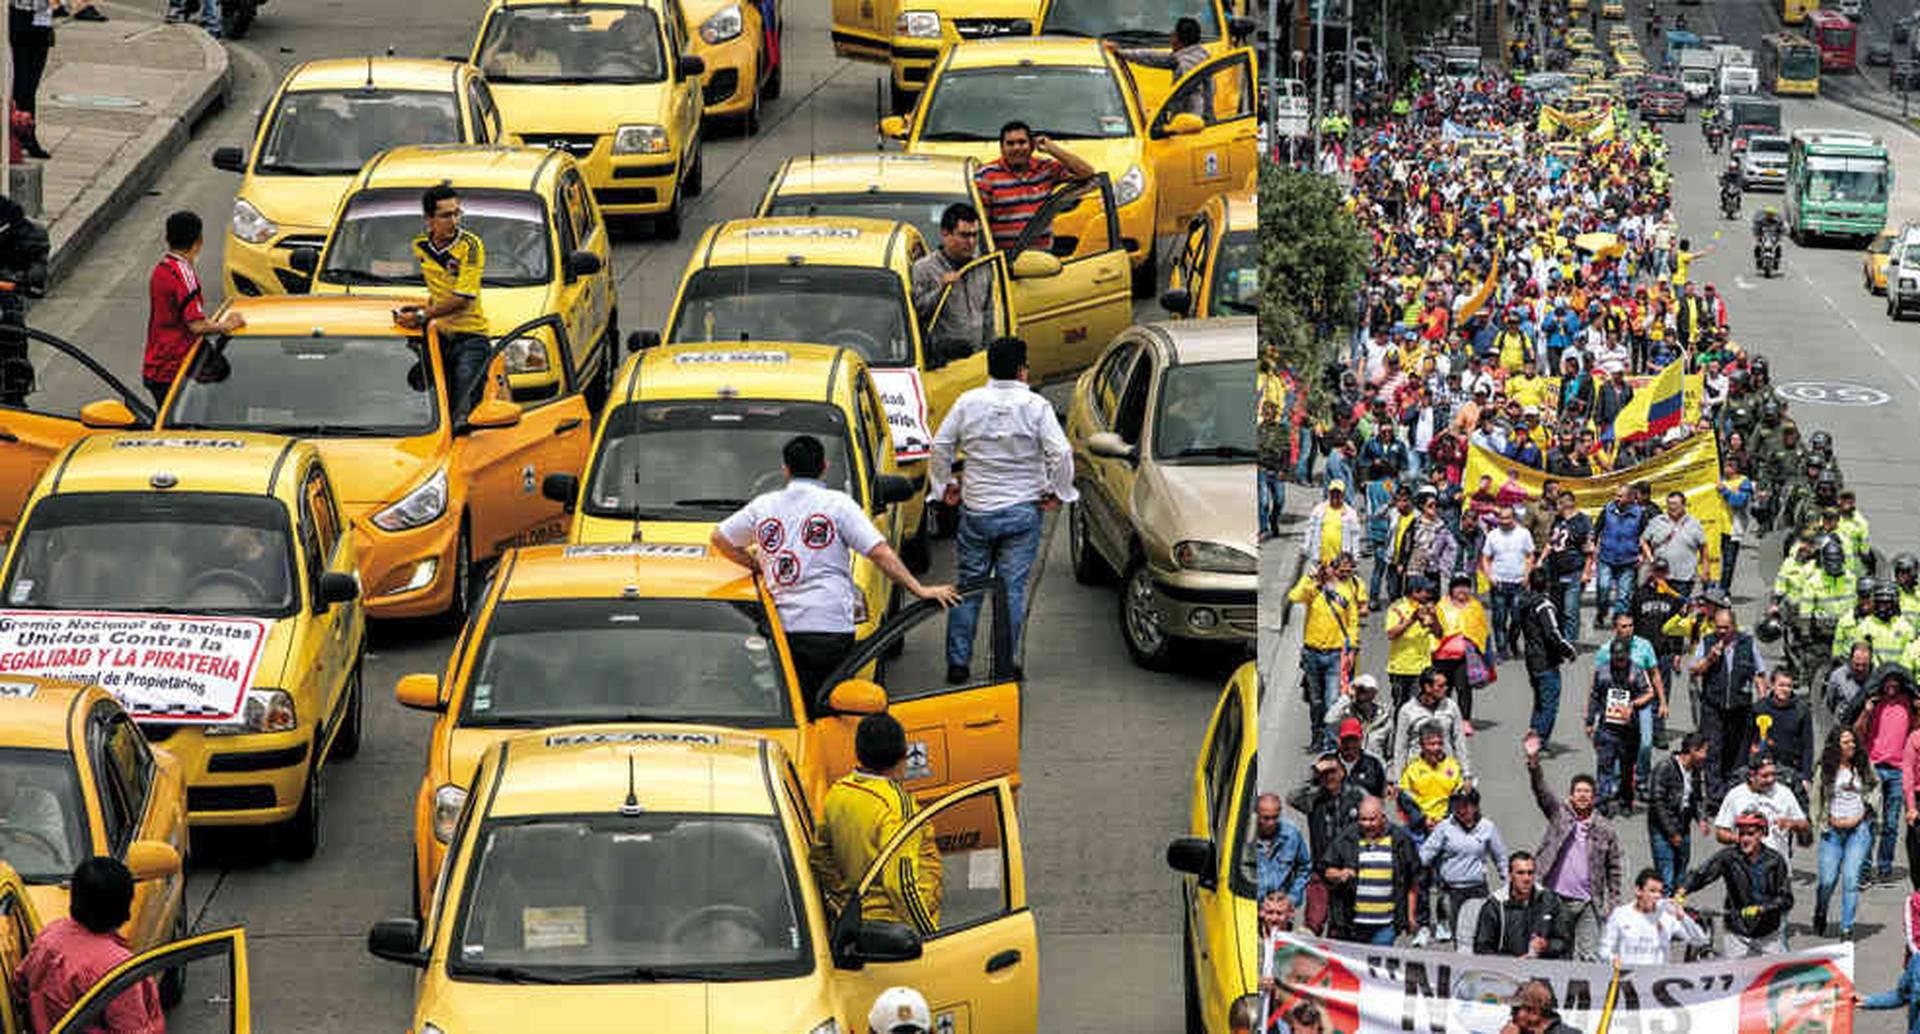 Ya son frecuentes las protestas de los taxistas contra las plataformas digitales. Pero no hay solución a la vista.